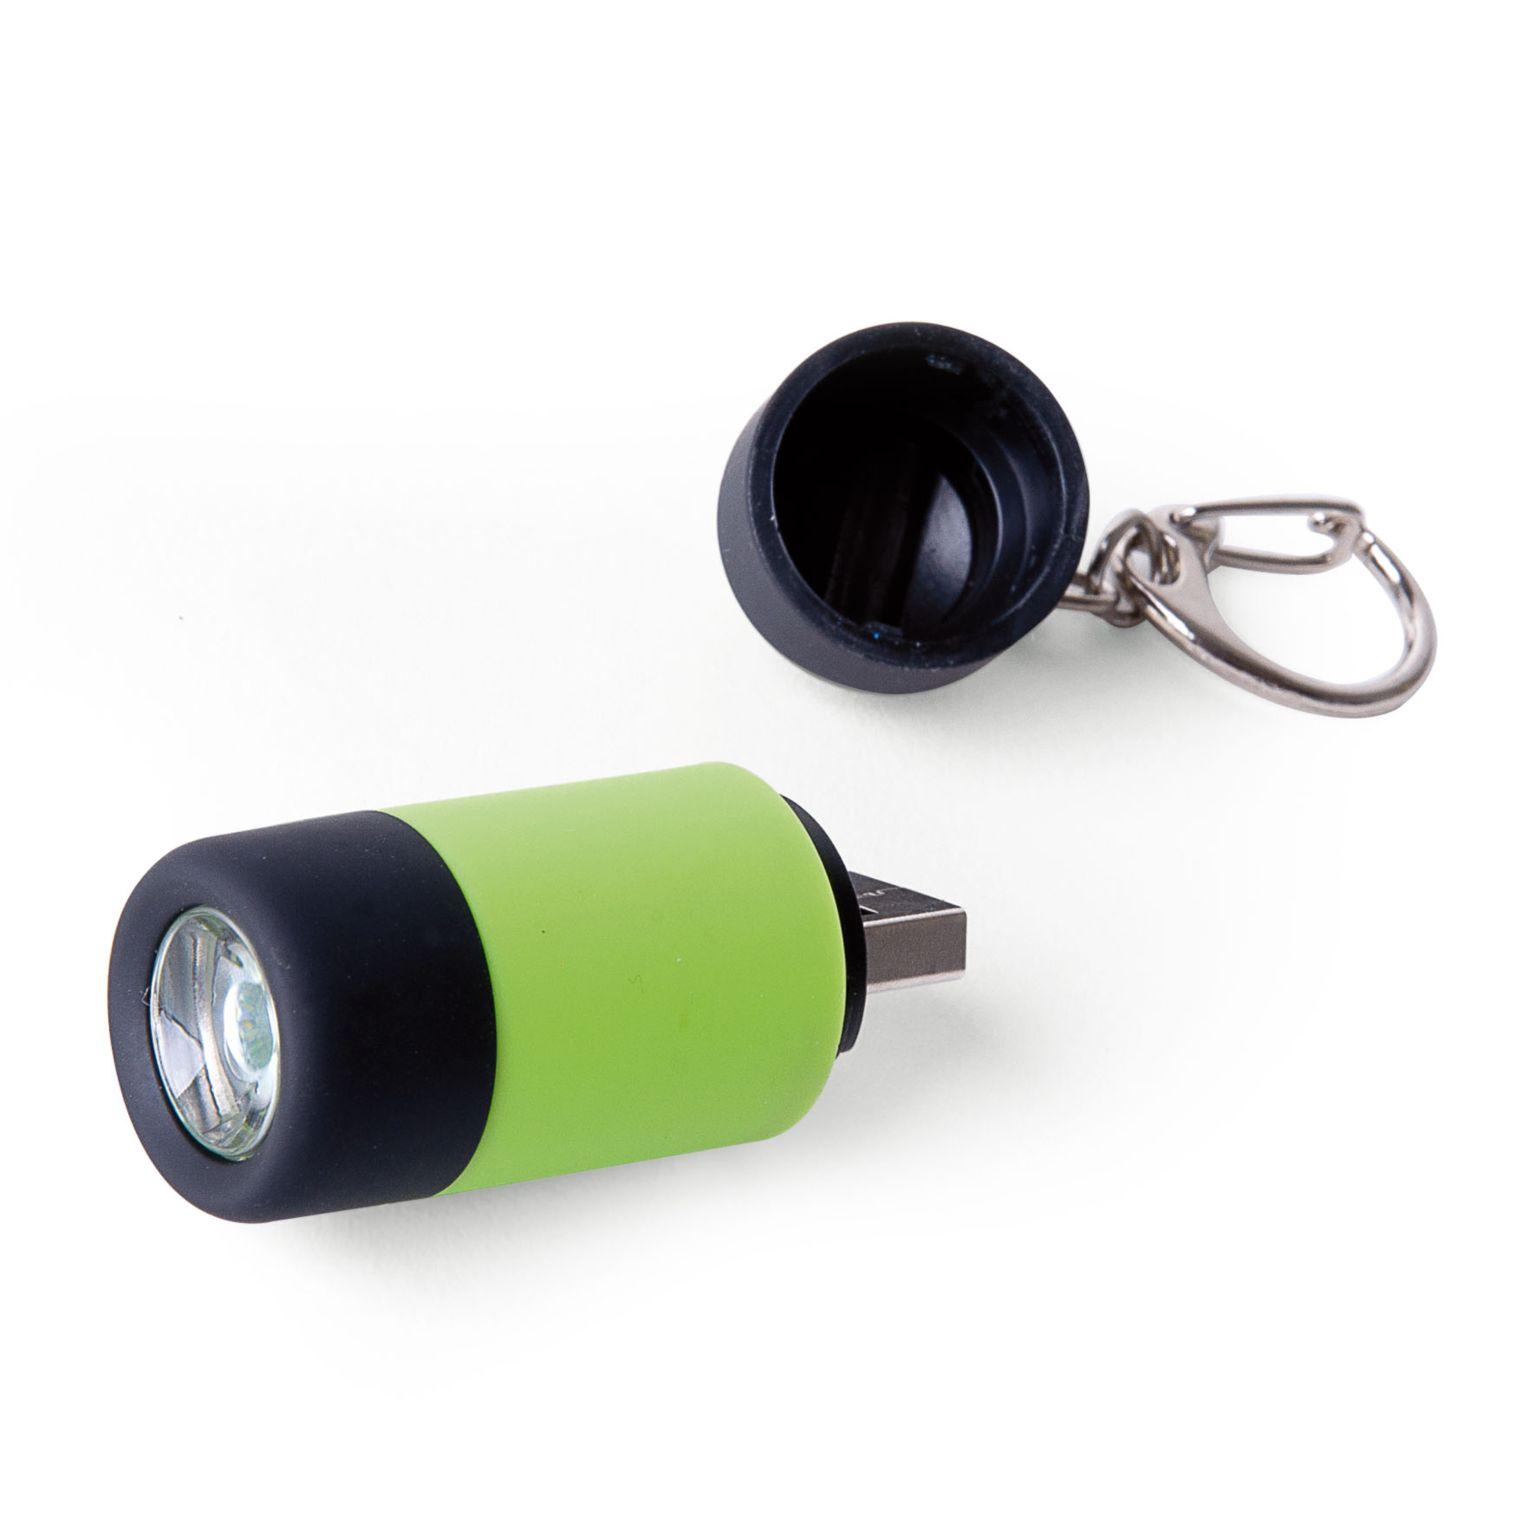 Mini torche rechargeable usb  personnalisé montpellier Paris Ile de France